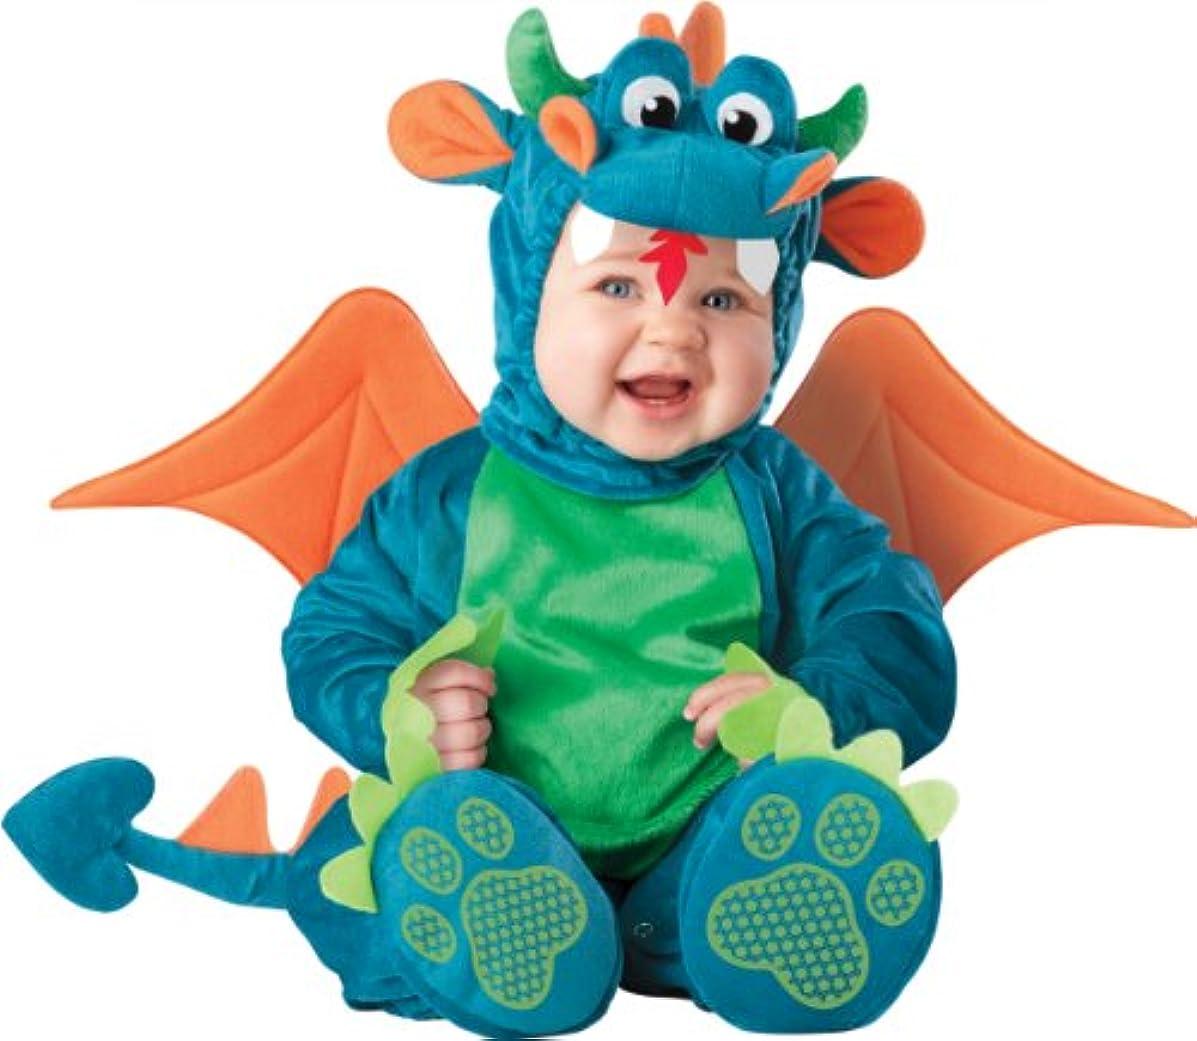 投げ捨てるゼリーモーションDinky Dragon Infant / Toddler Costume ちっぽけドラゴンの幼児/幼児コスチューム サイズ:18 Months/2T